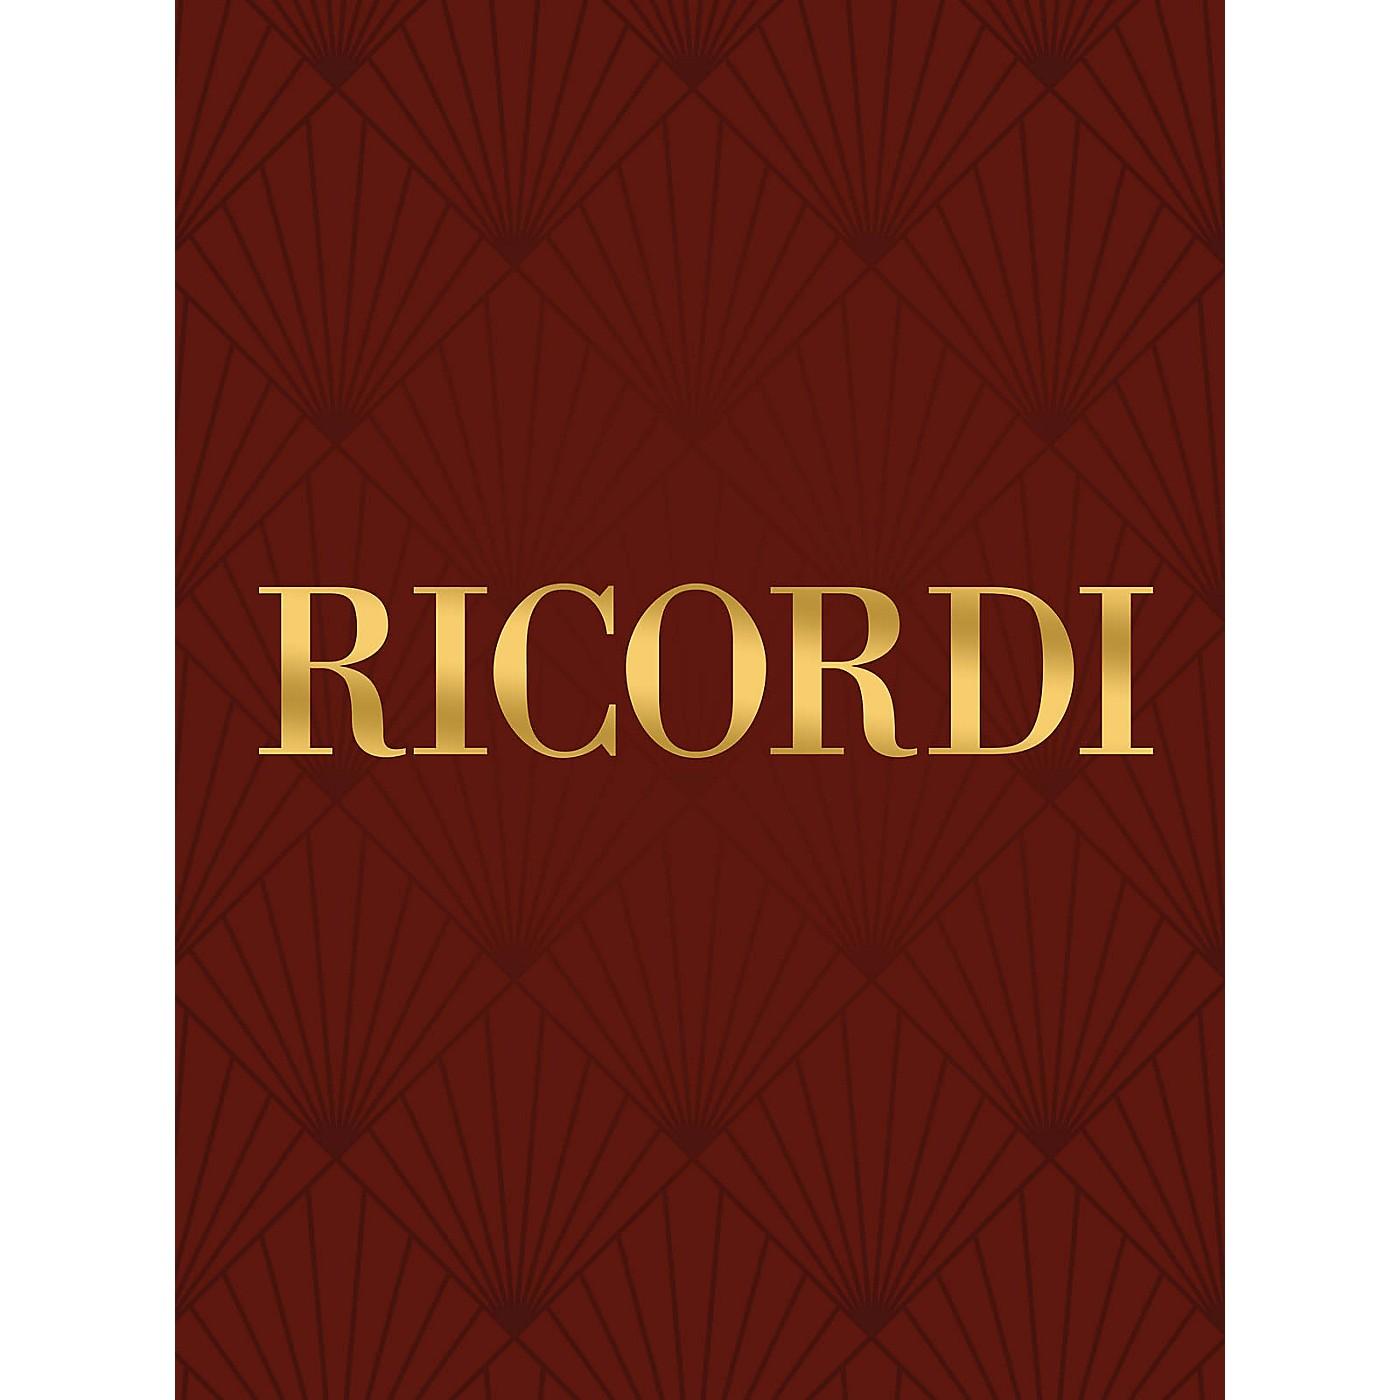 Ricordi La Speranza It/Fr (Vocal Solo) SSA Composed by Gioacchino Rossini thumbnail